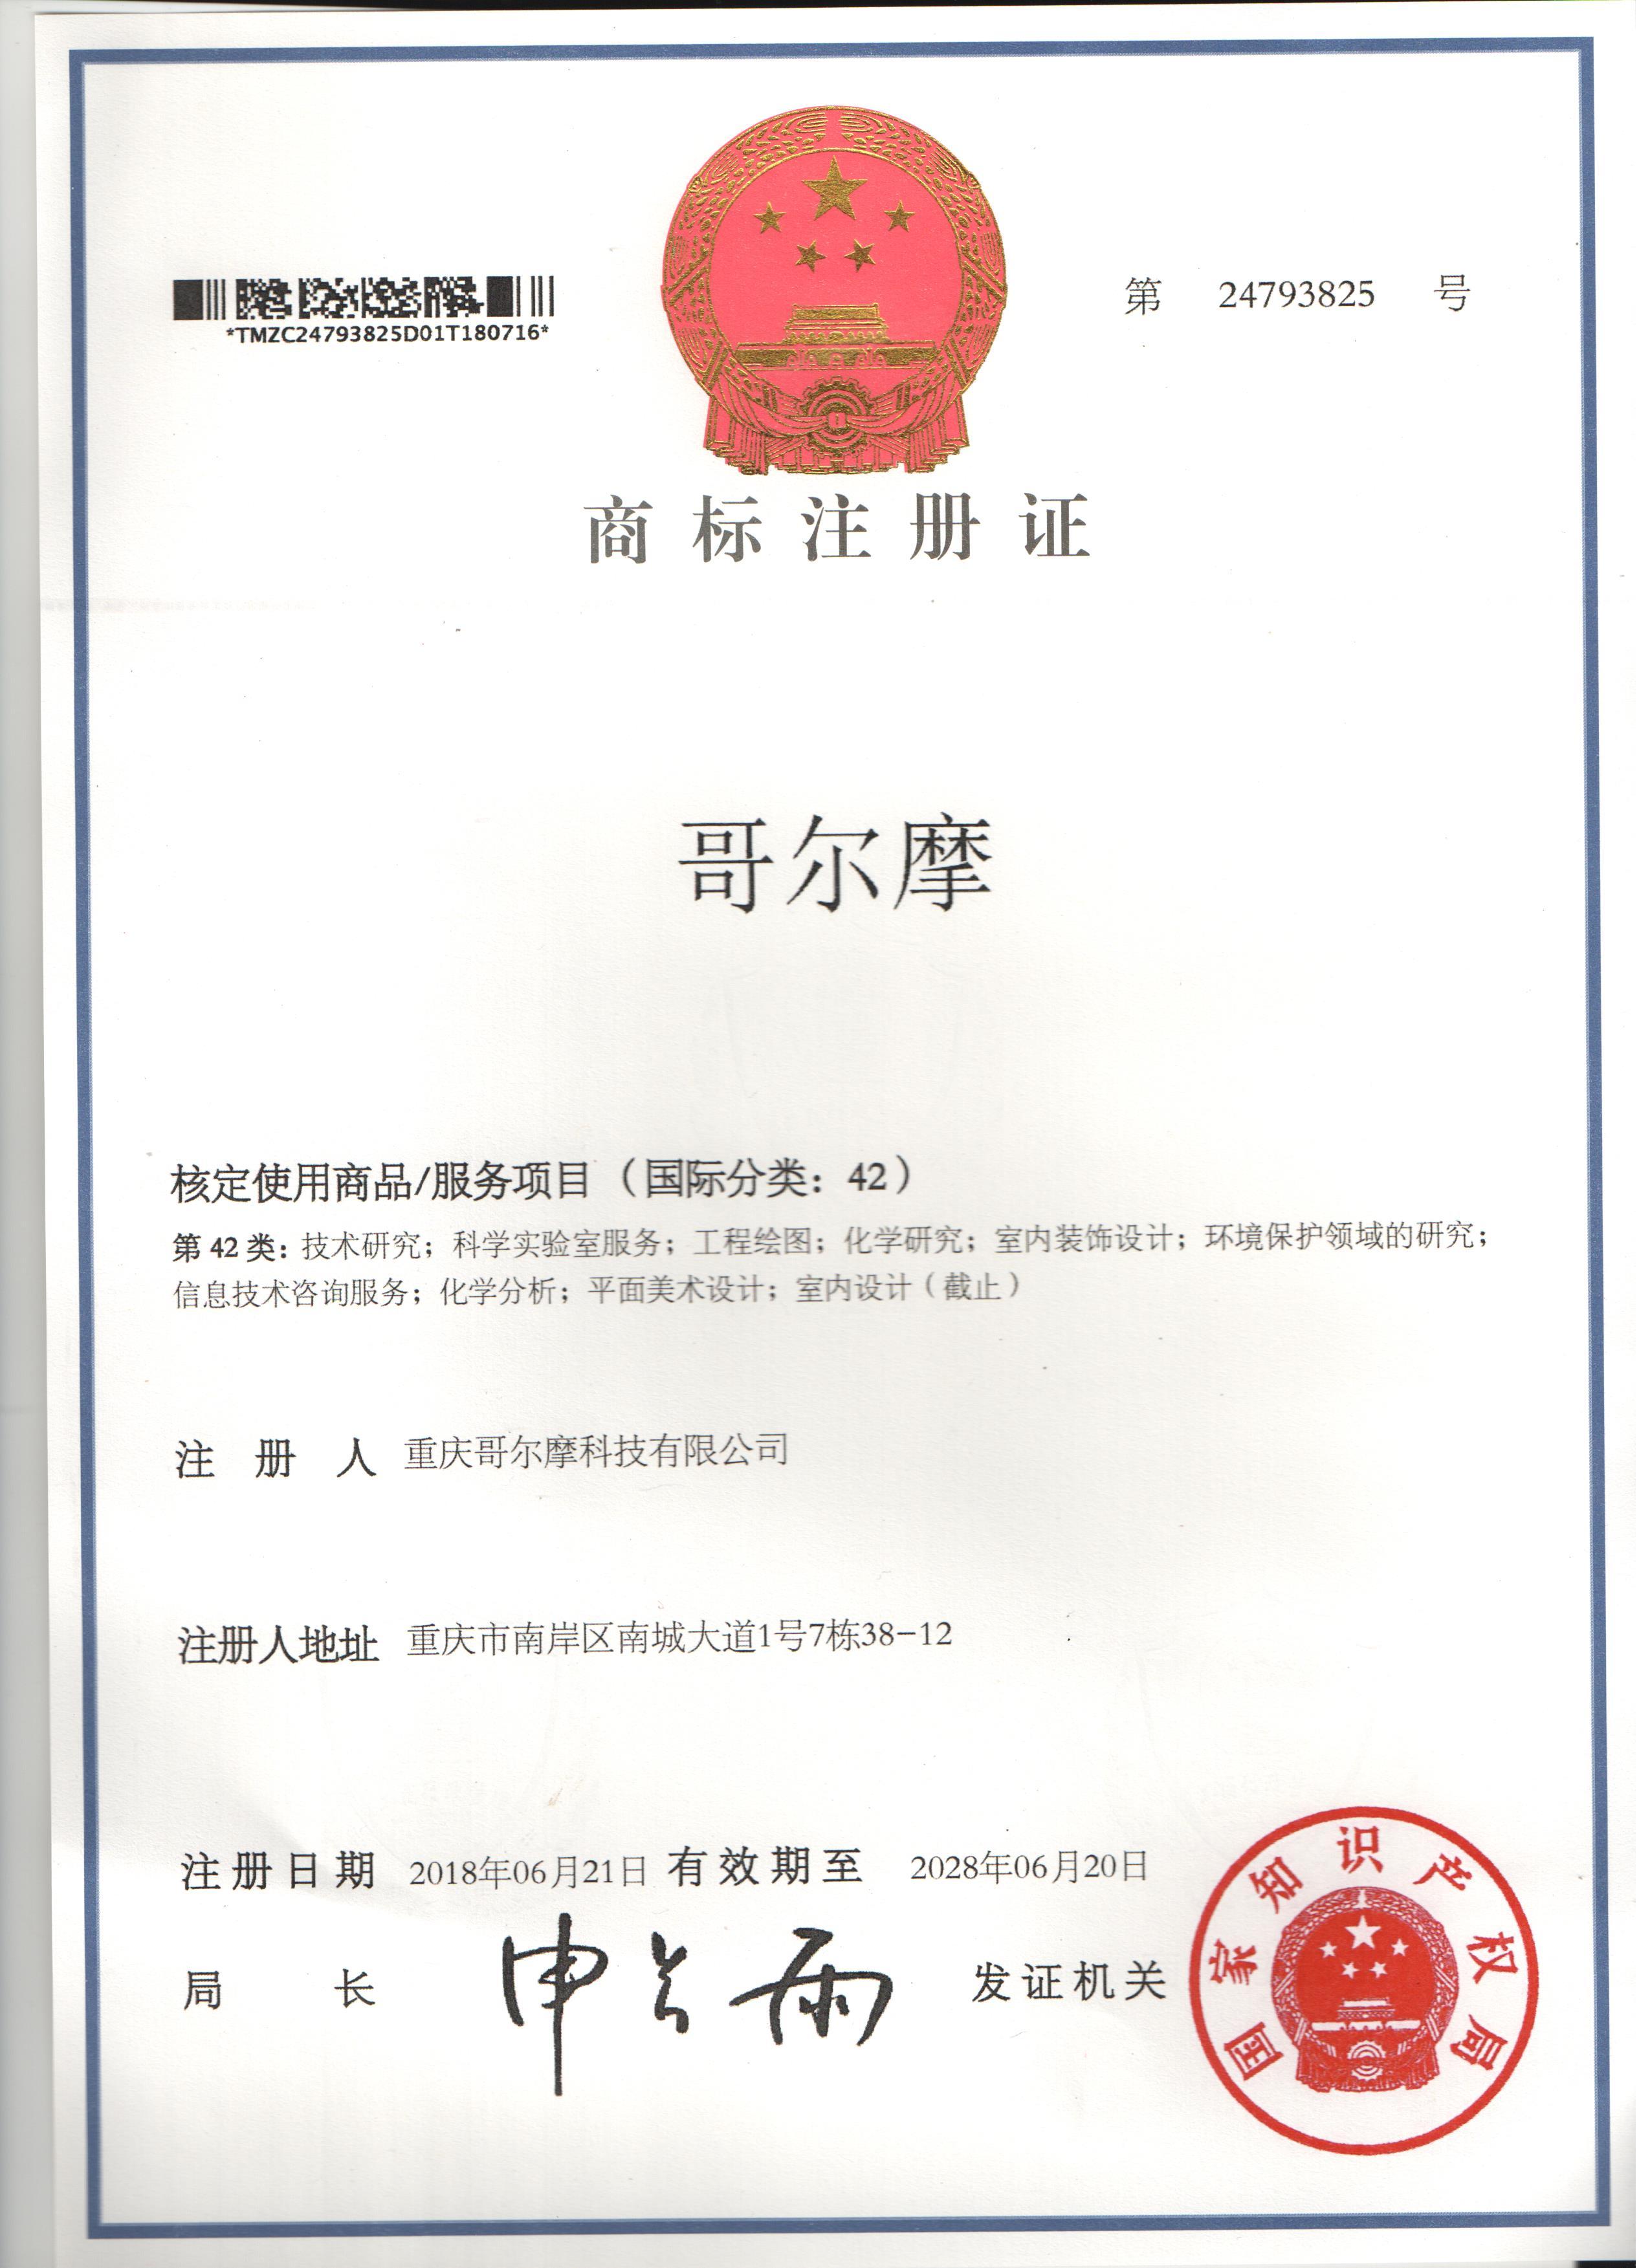 哥尔摩商标注册证6